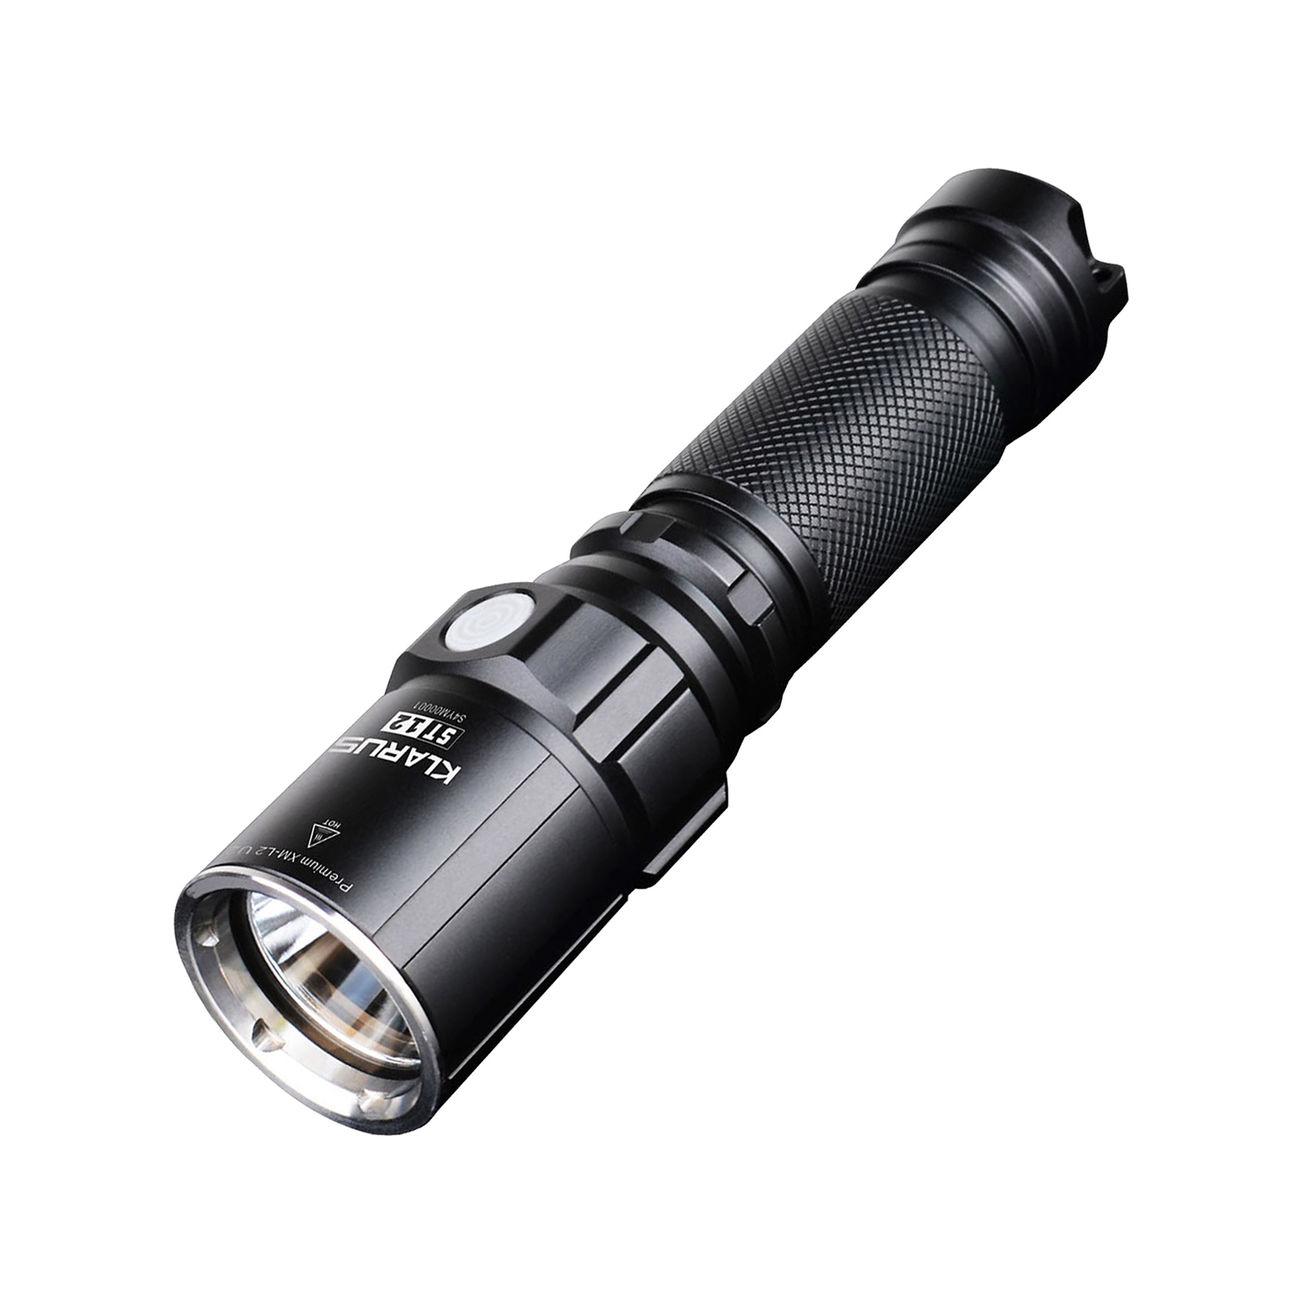 klarus led taschenlampe st12 900 lumen schwarz kotte. Black Bedroom Furniture Sets. Home Design Ideas